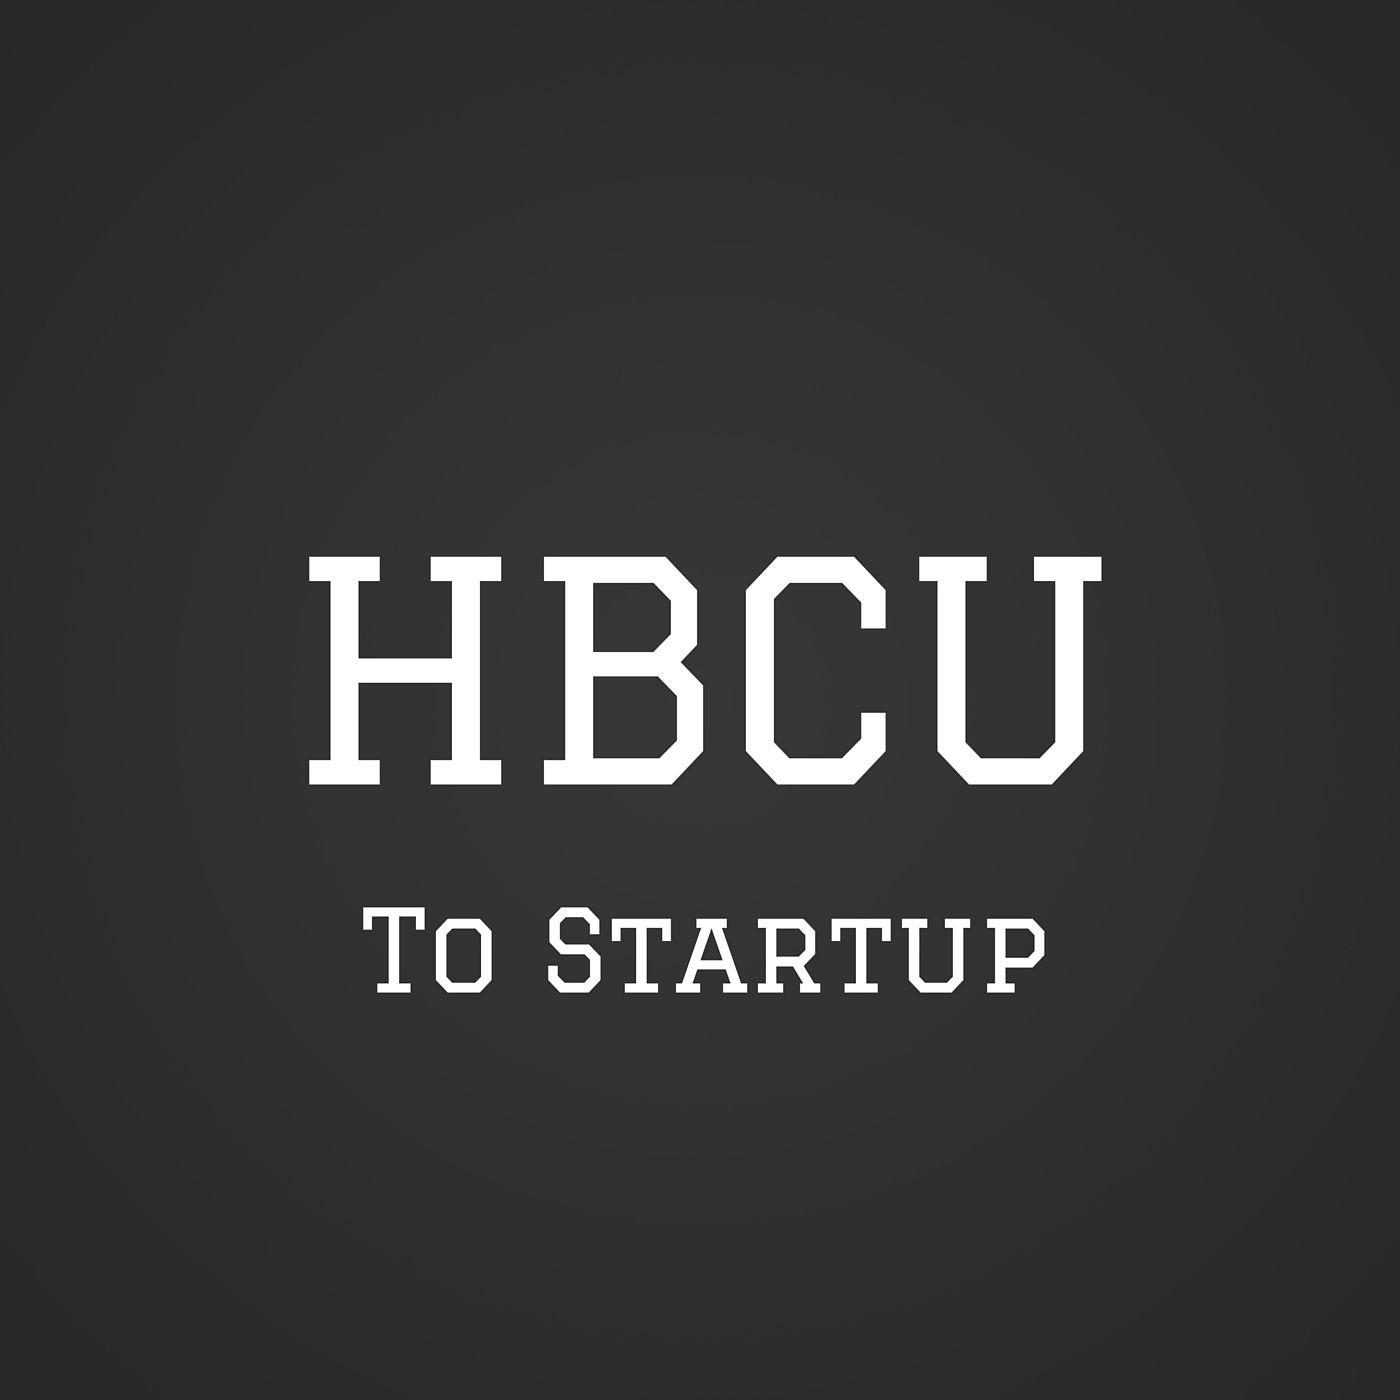 HBCU to Startup